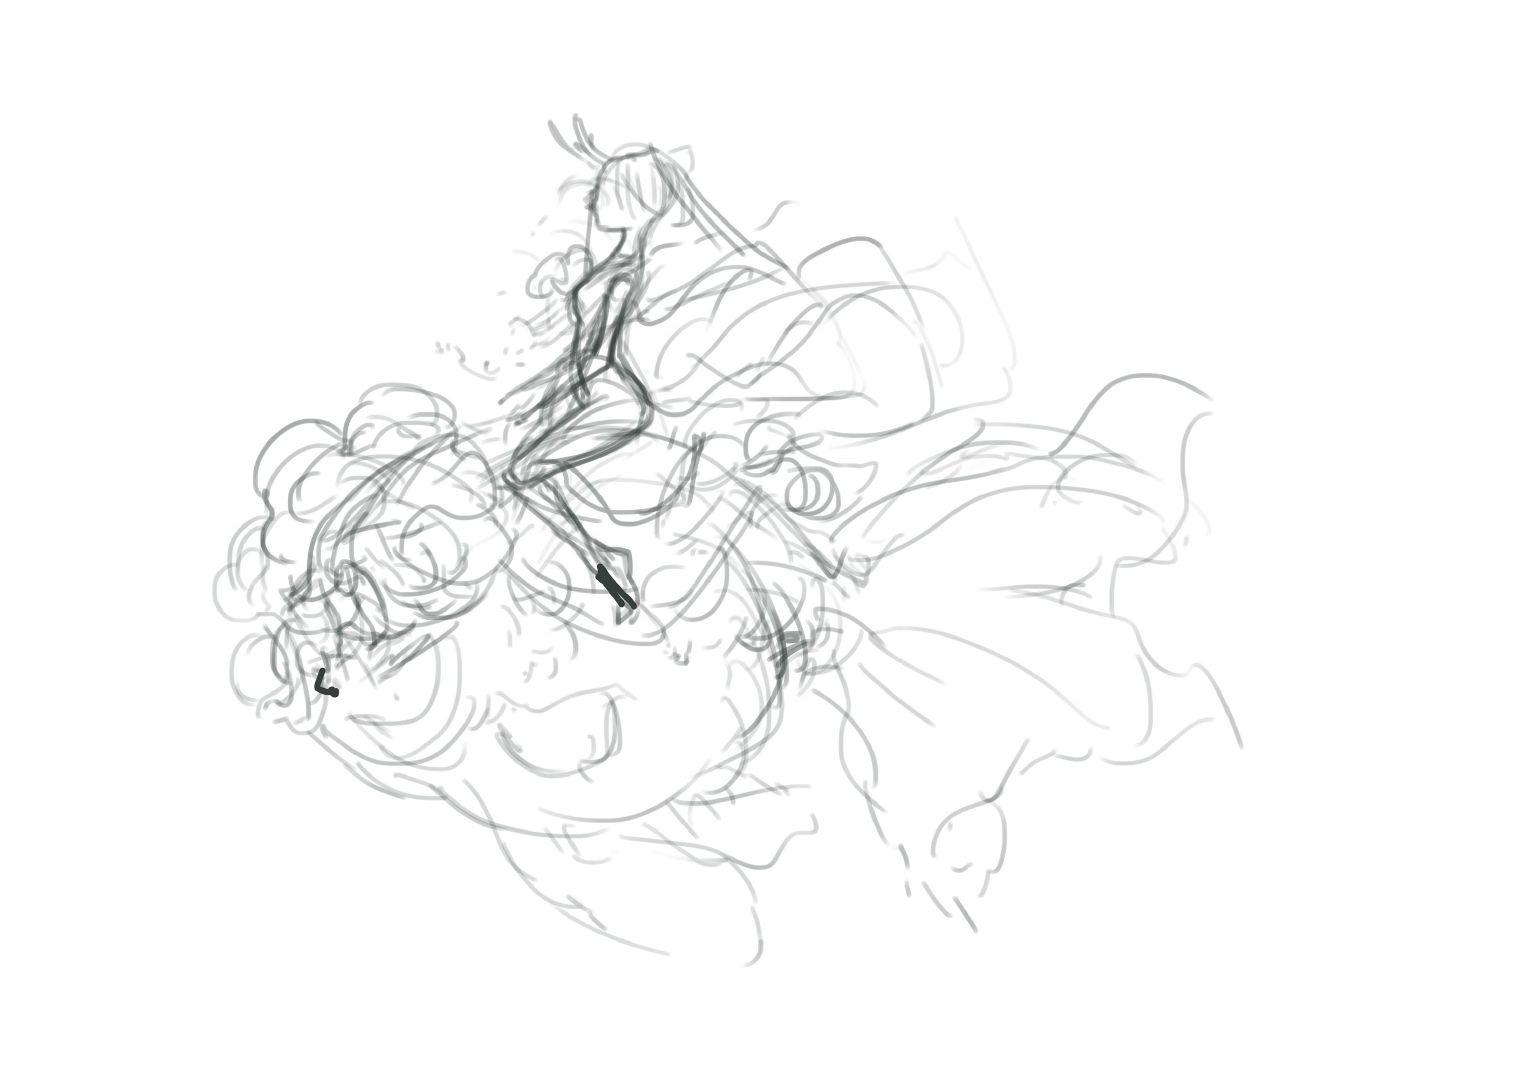 金鱼新娘绘画过程-来自 @elangshou  作品